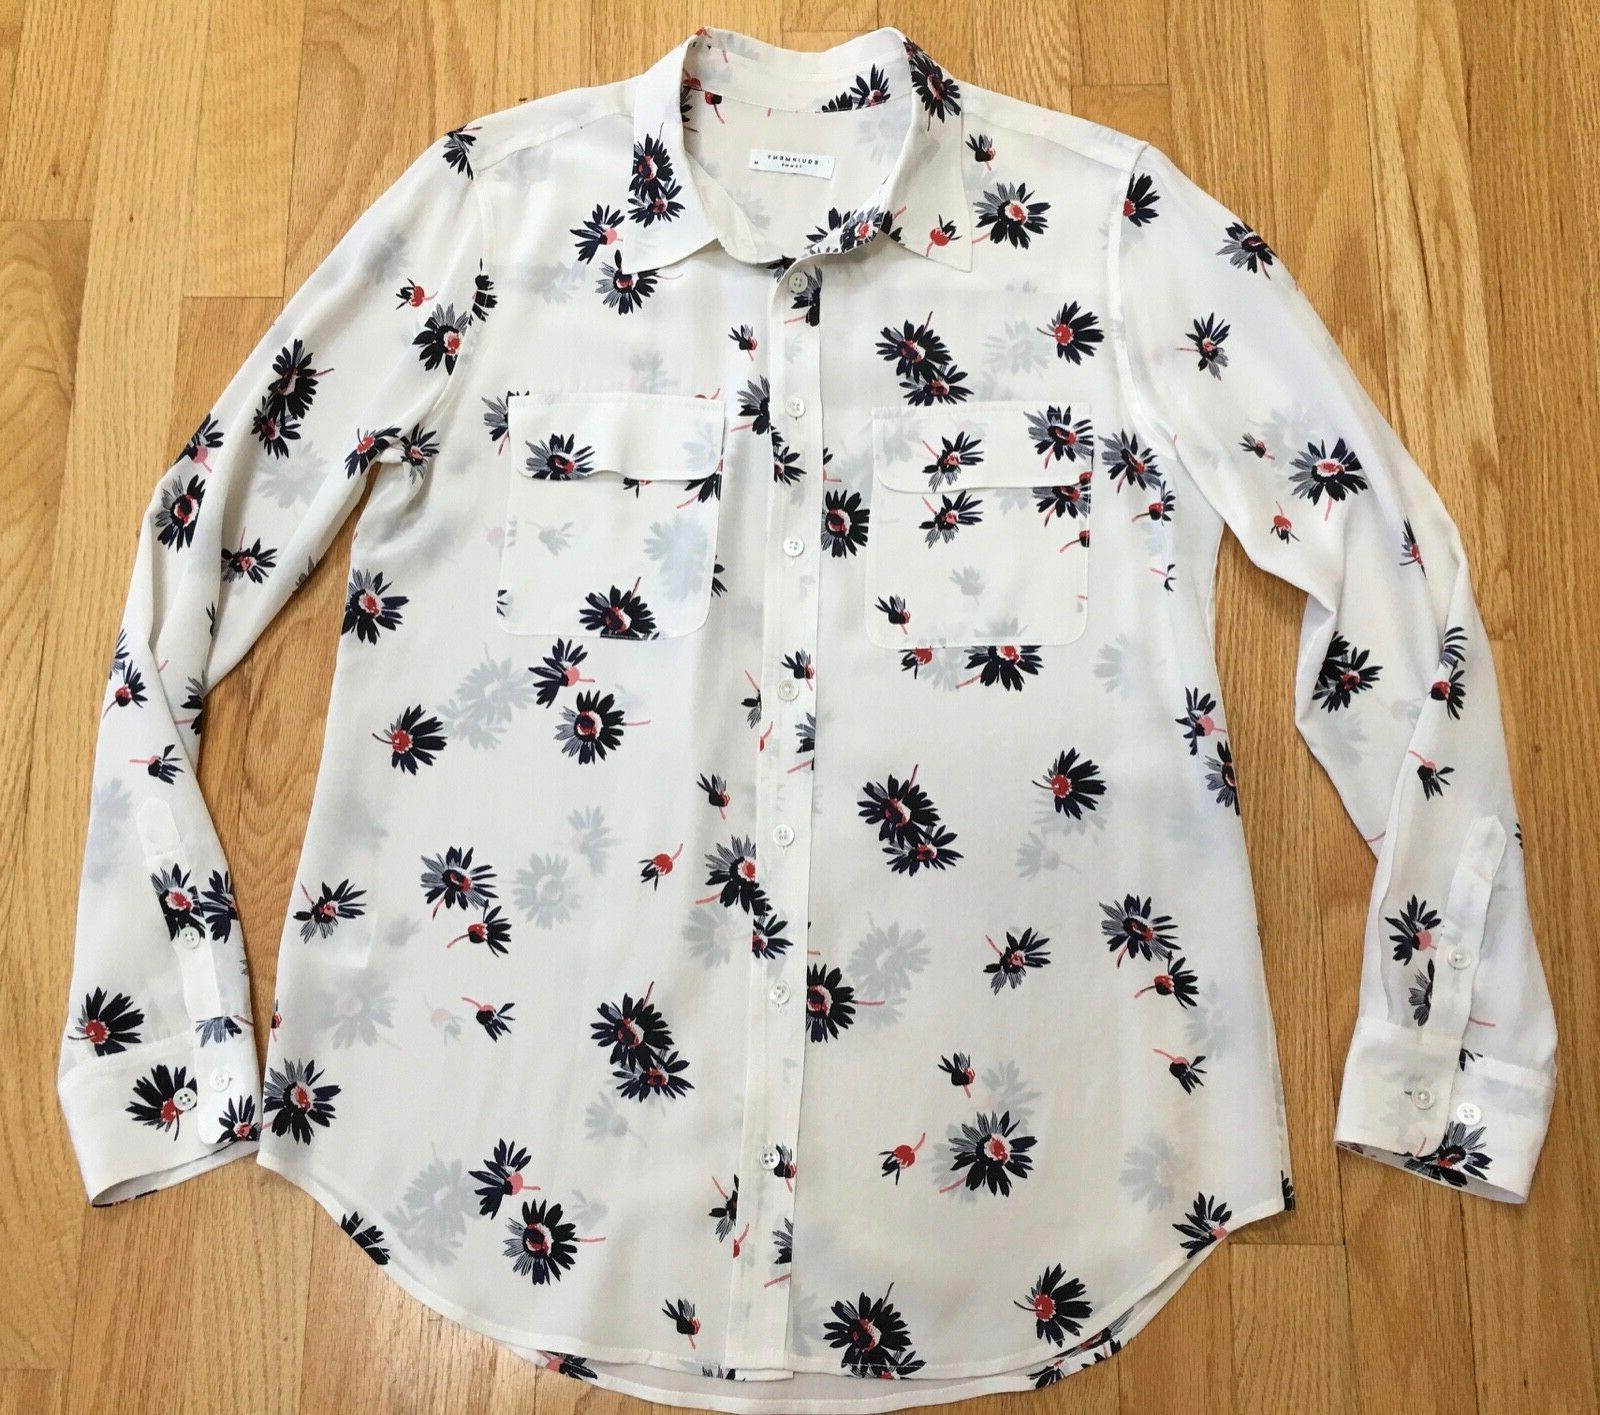 NEW Equipment silk shirt top M $268